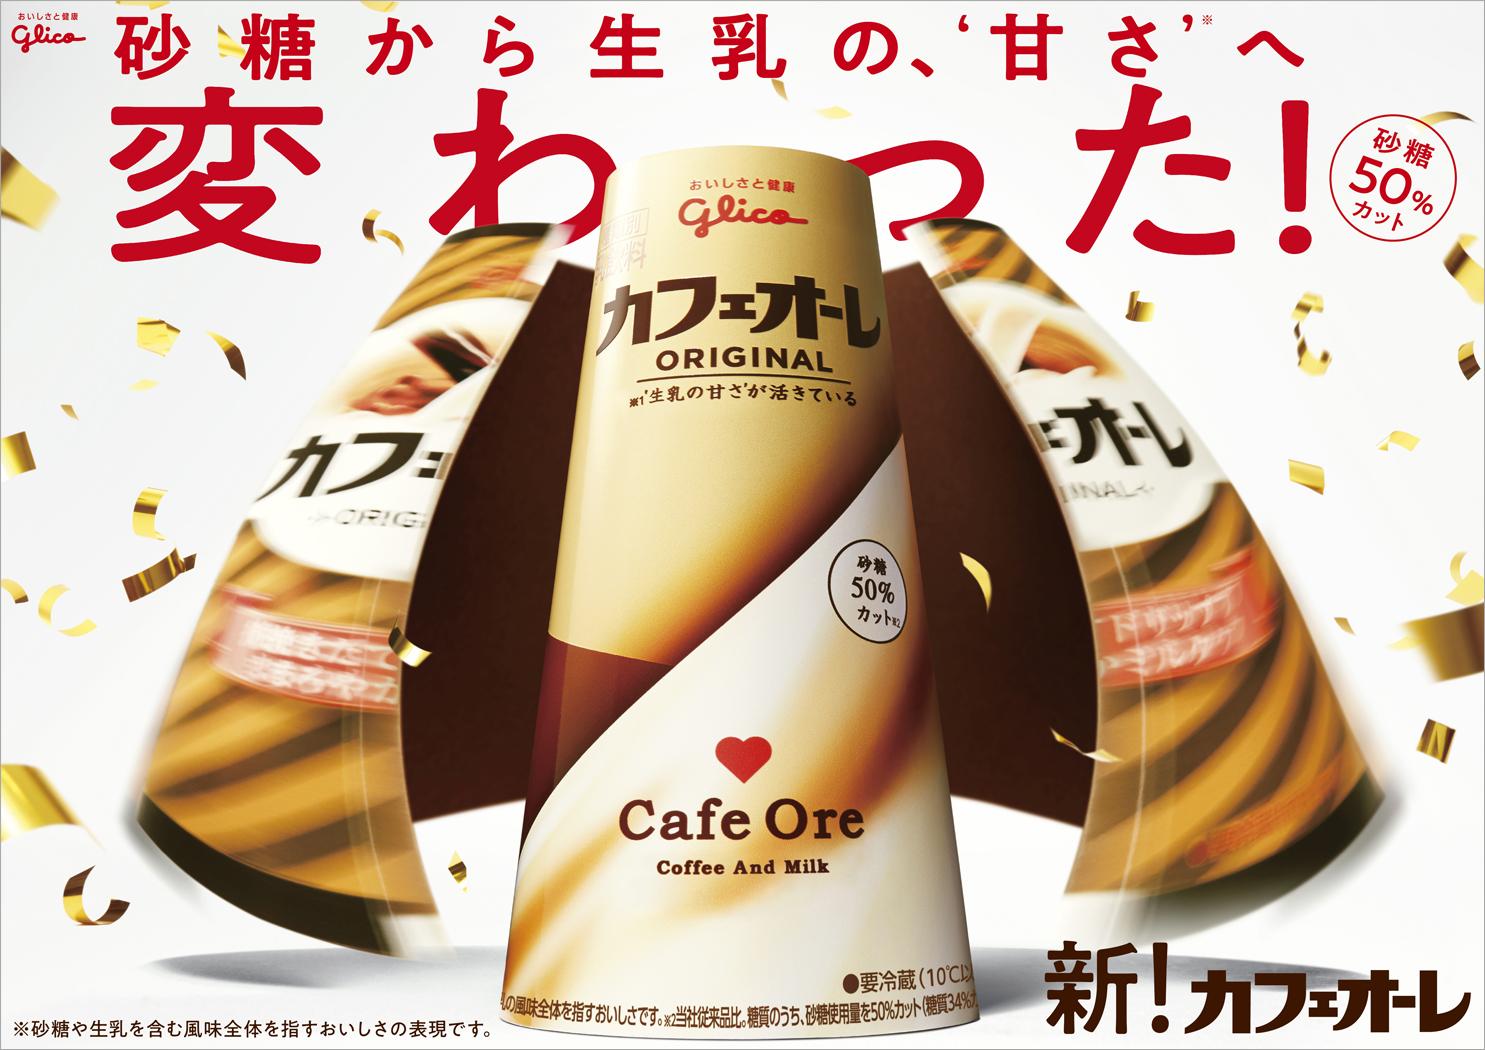 glico cafeore